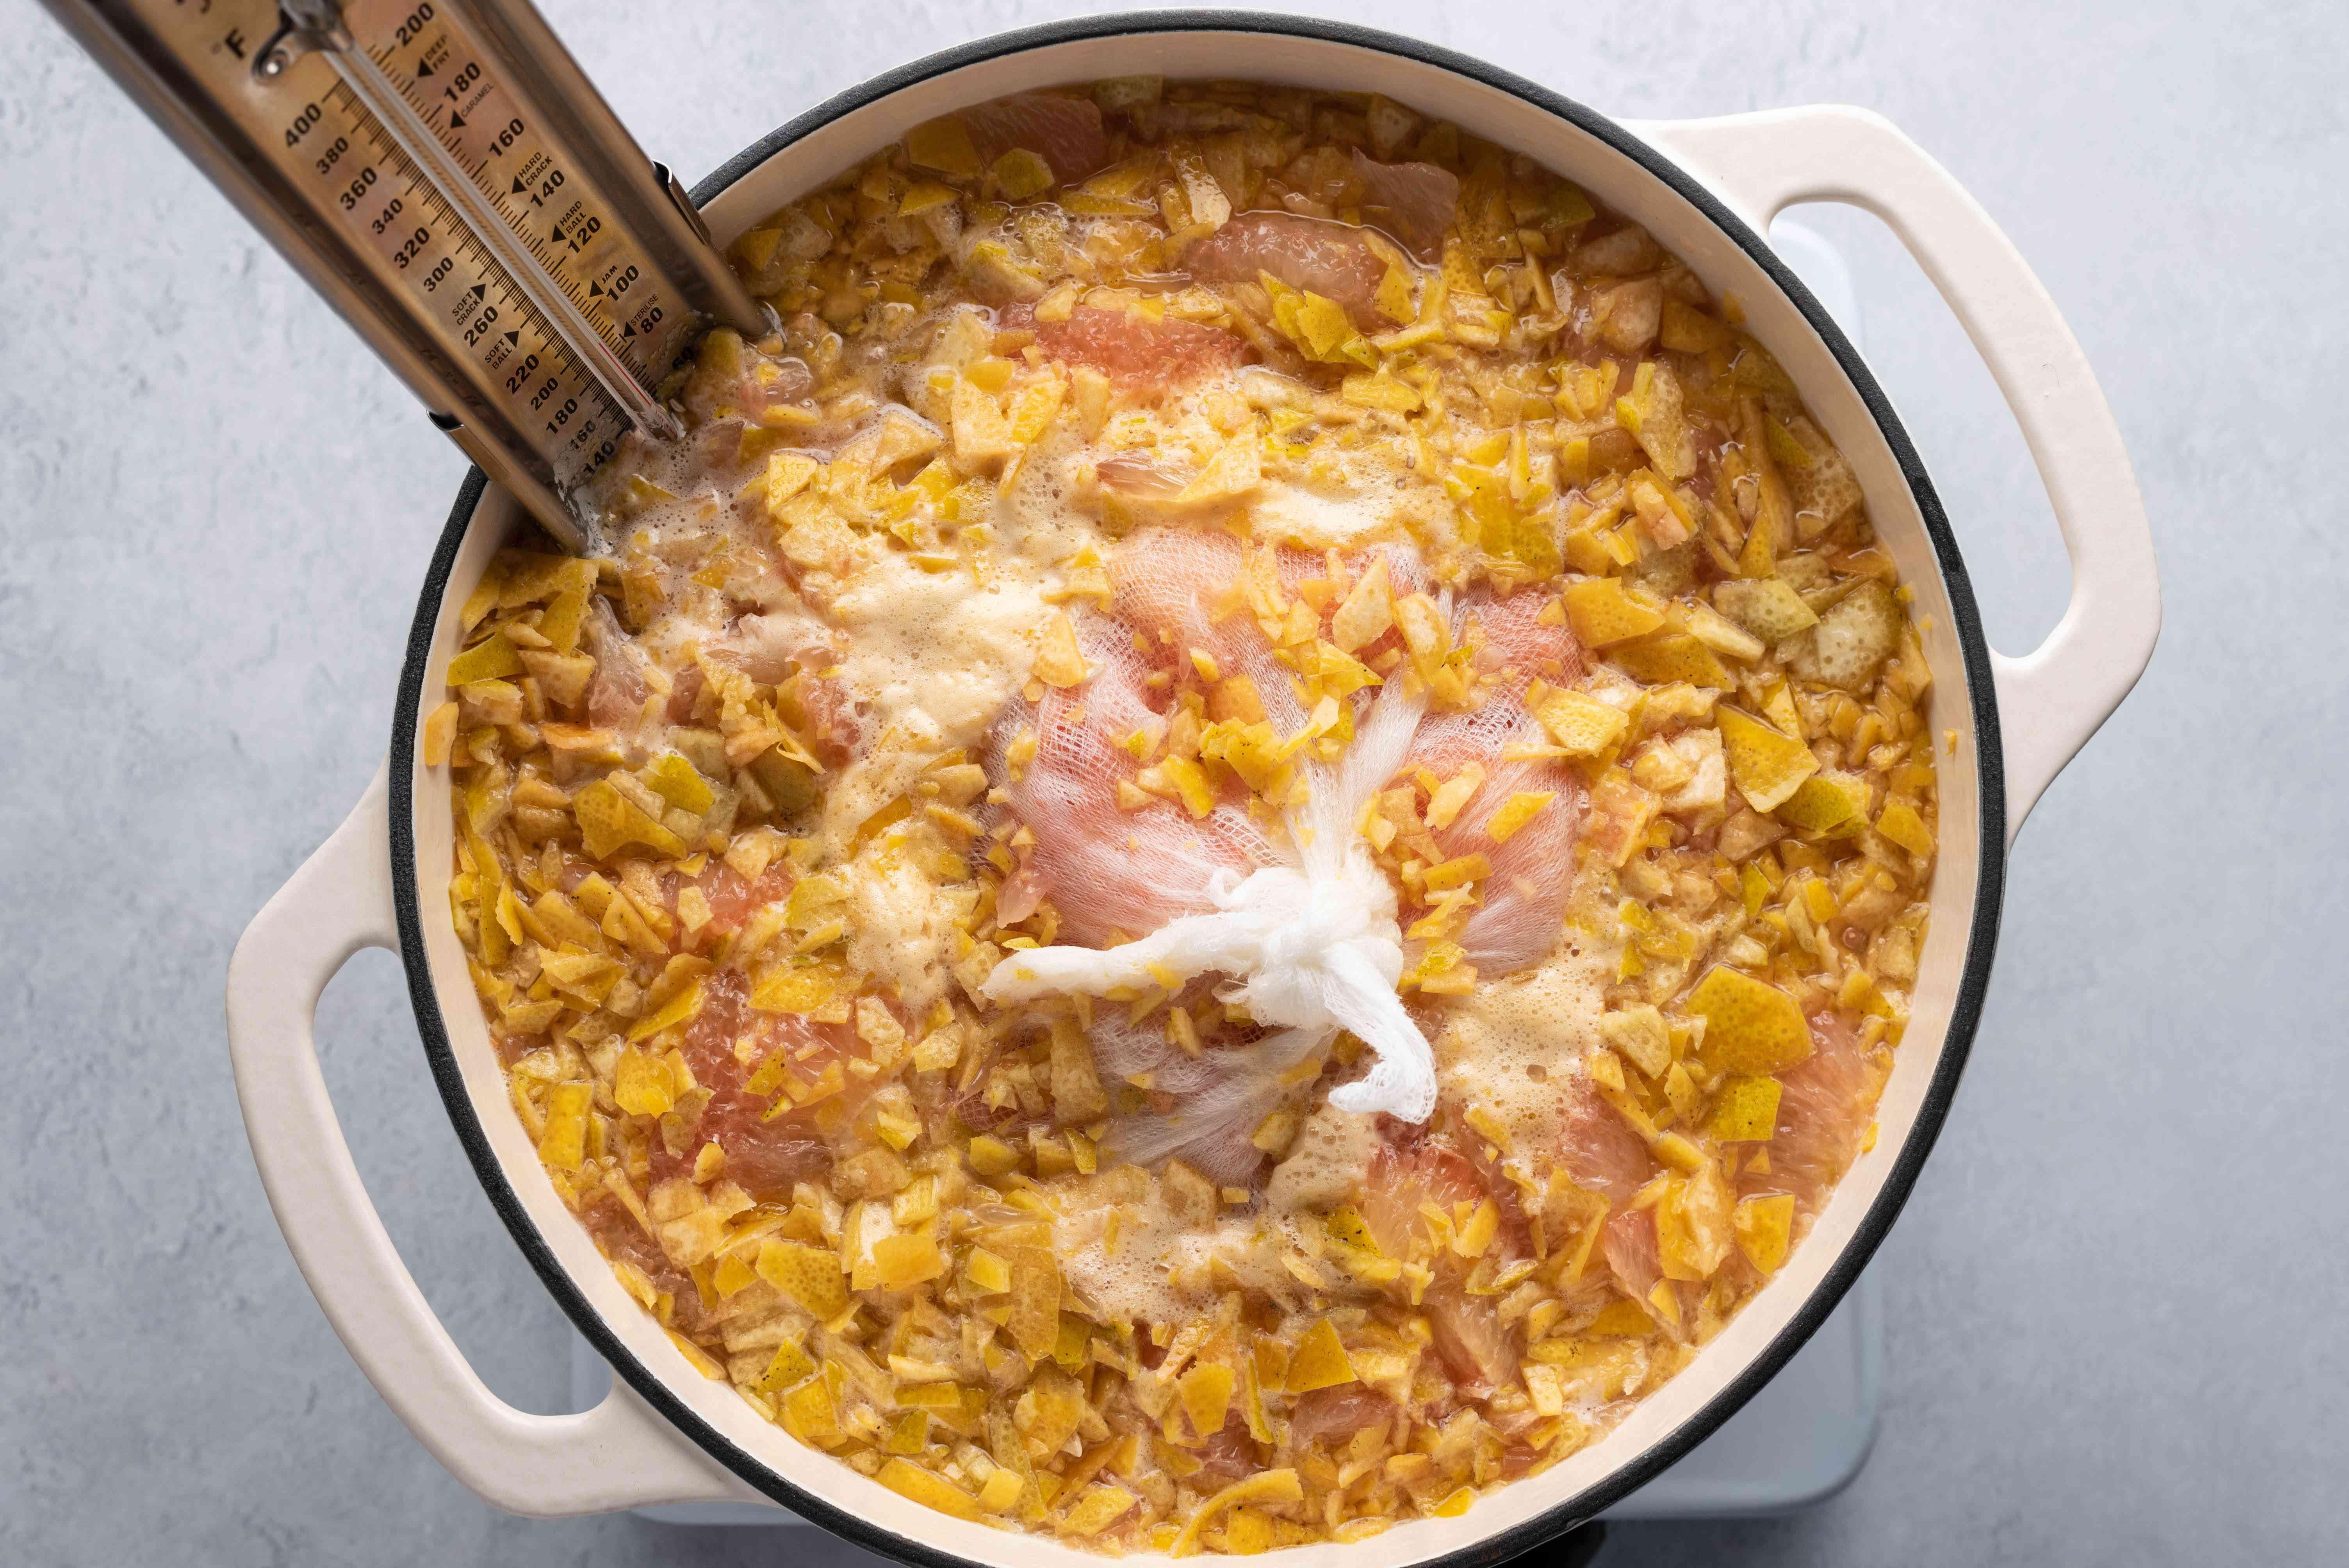 grapefruit marmalade mixture cooking in a pot